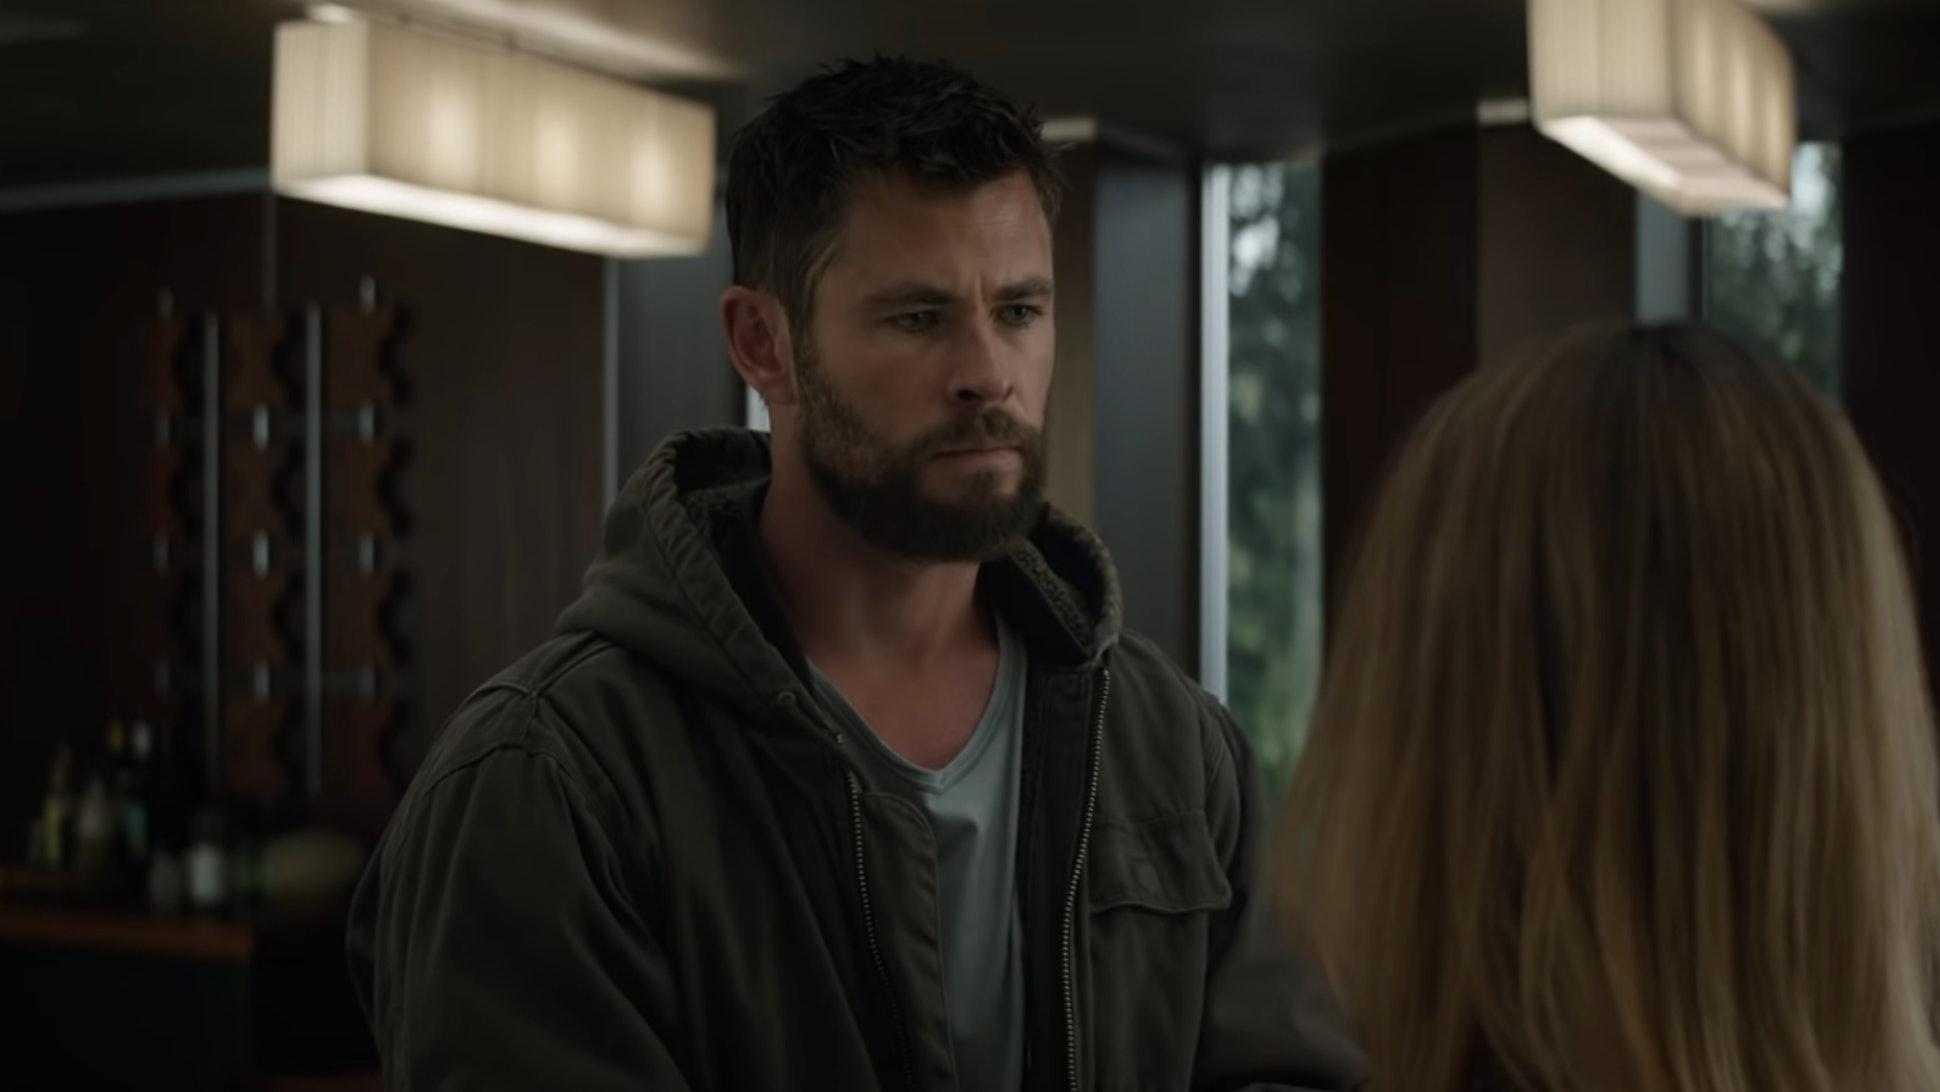 thor's 'avengers: endgame' beard has inspired a thundering twitter